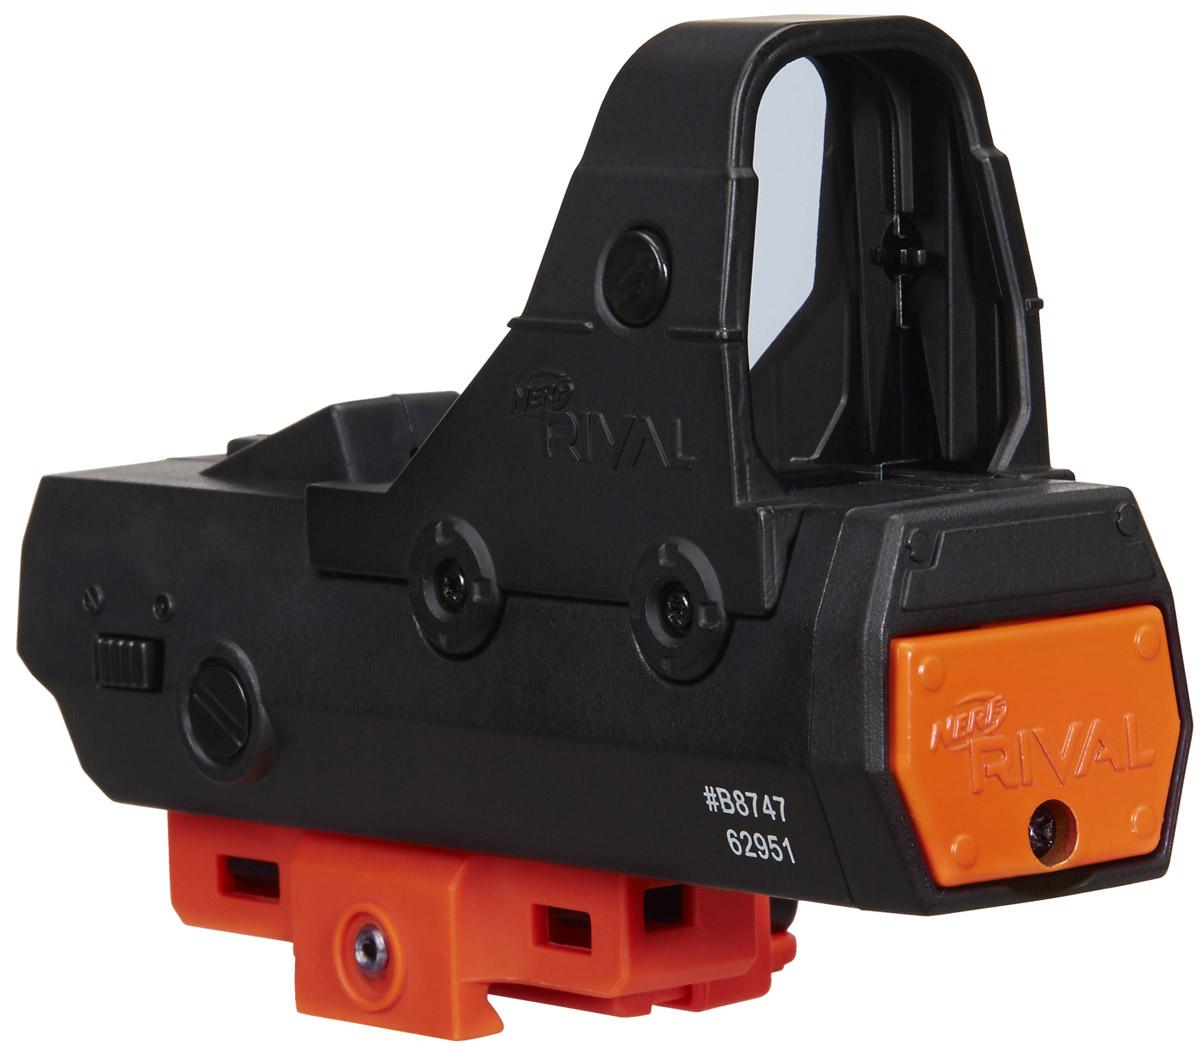 Nerf Аксессуар для бластеров Световой прицел nerf аксессуар для бластеров лазерный прицел